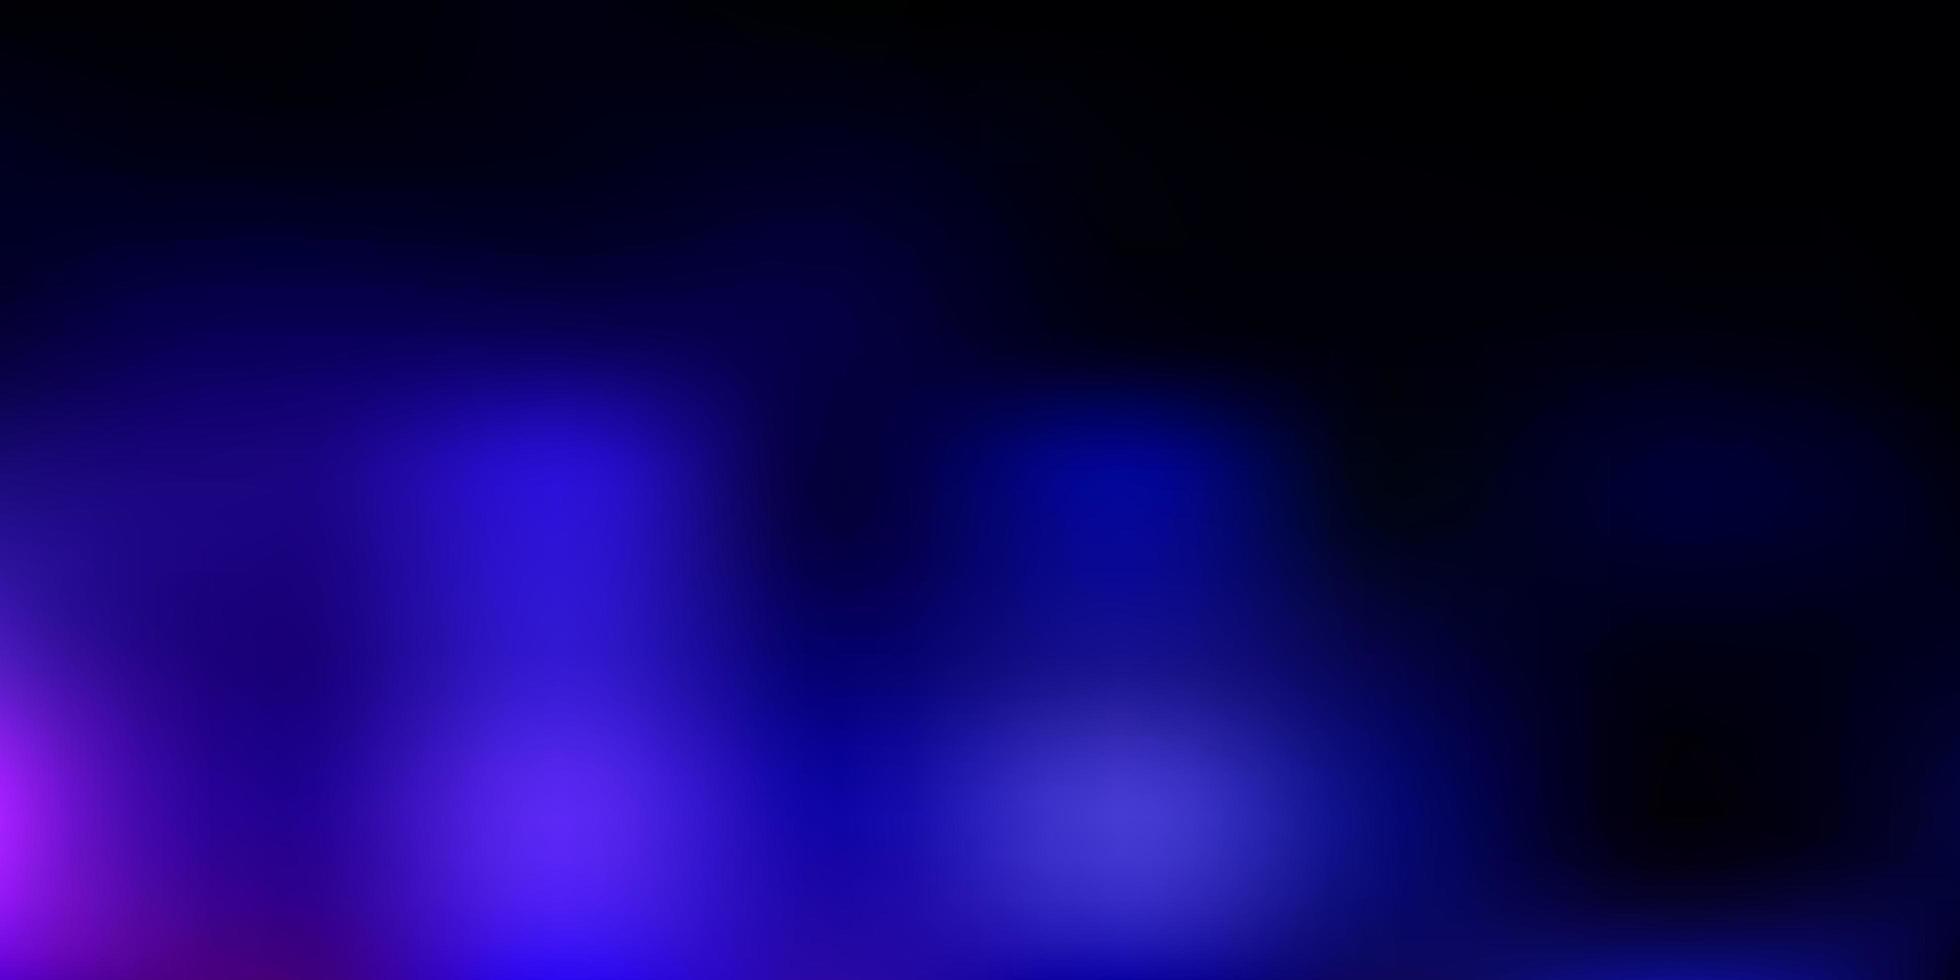 mörkrosa, blått suddighetsmönster. vektor